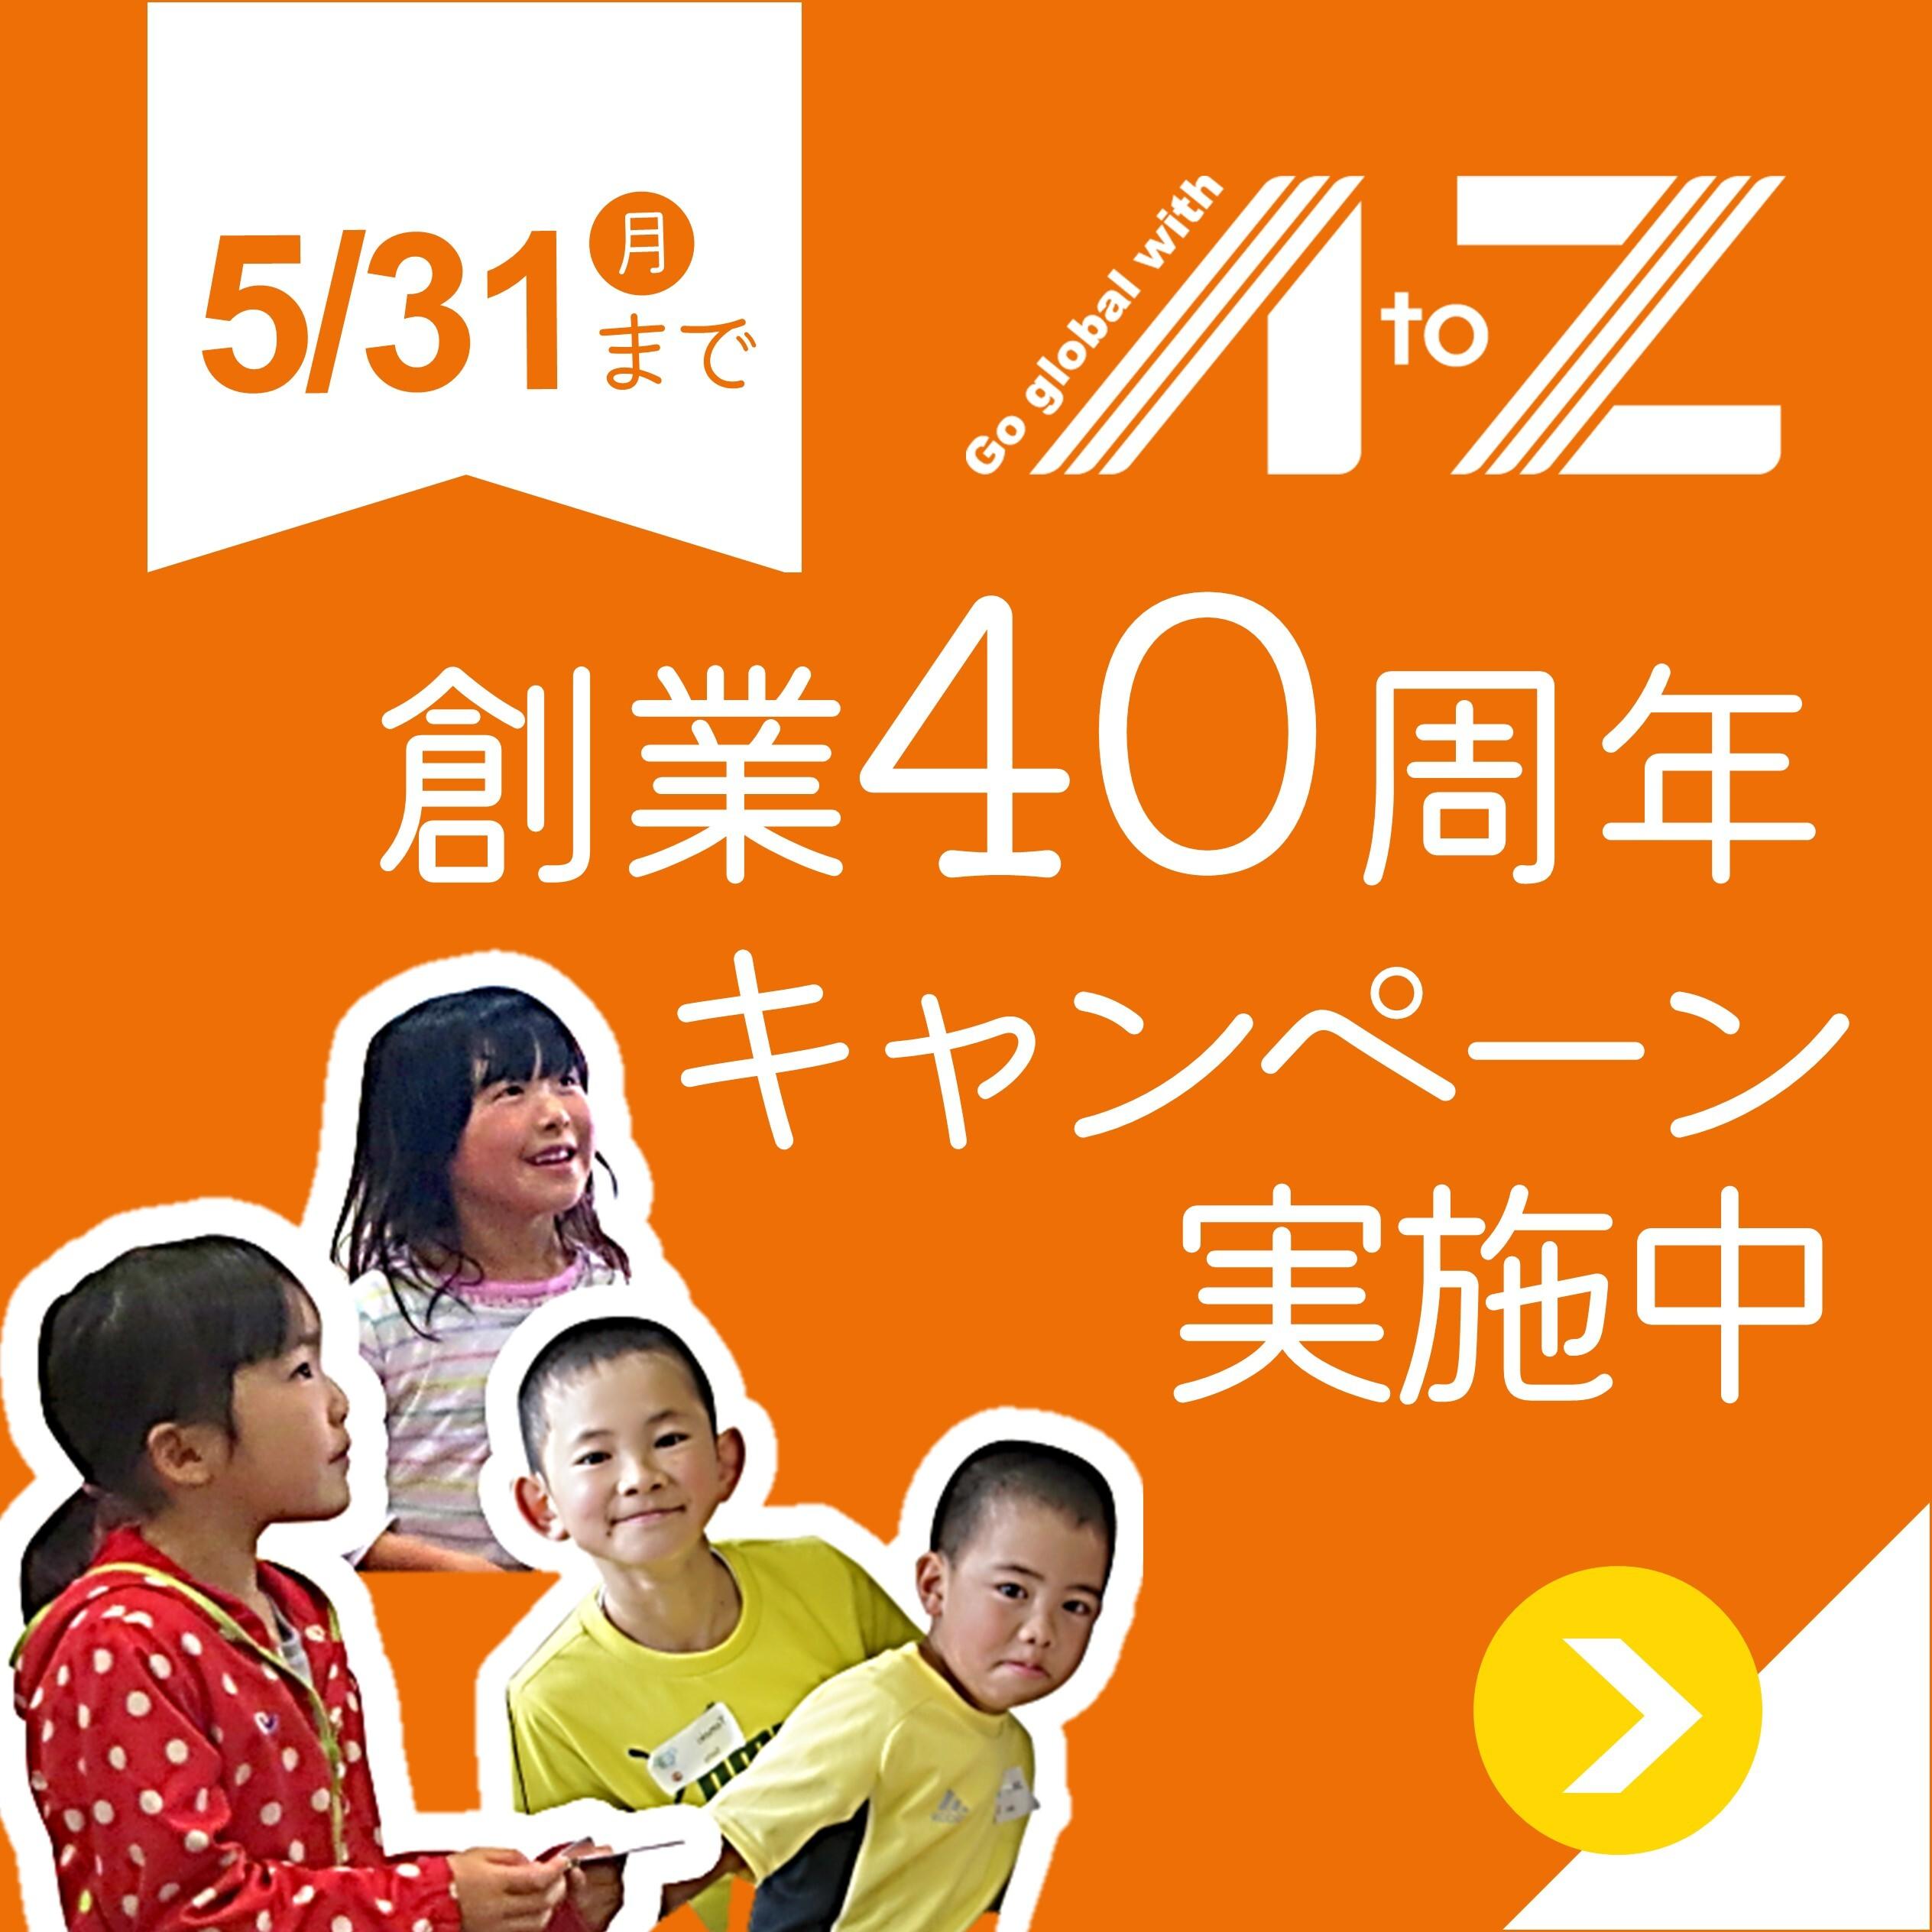 創業40周年キャンペーン実施中 5/31(月)まで